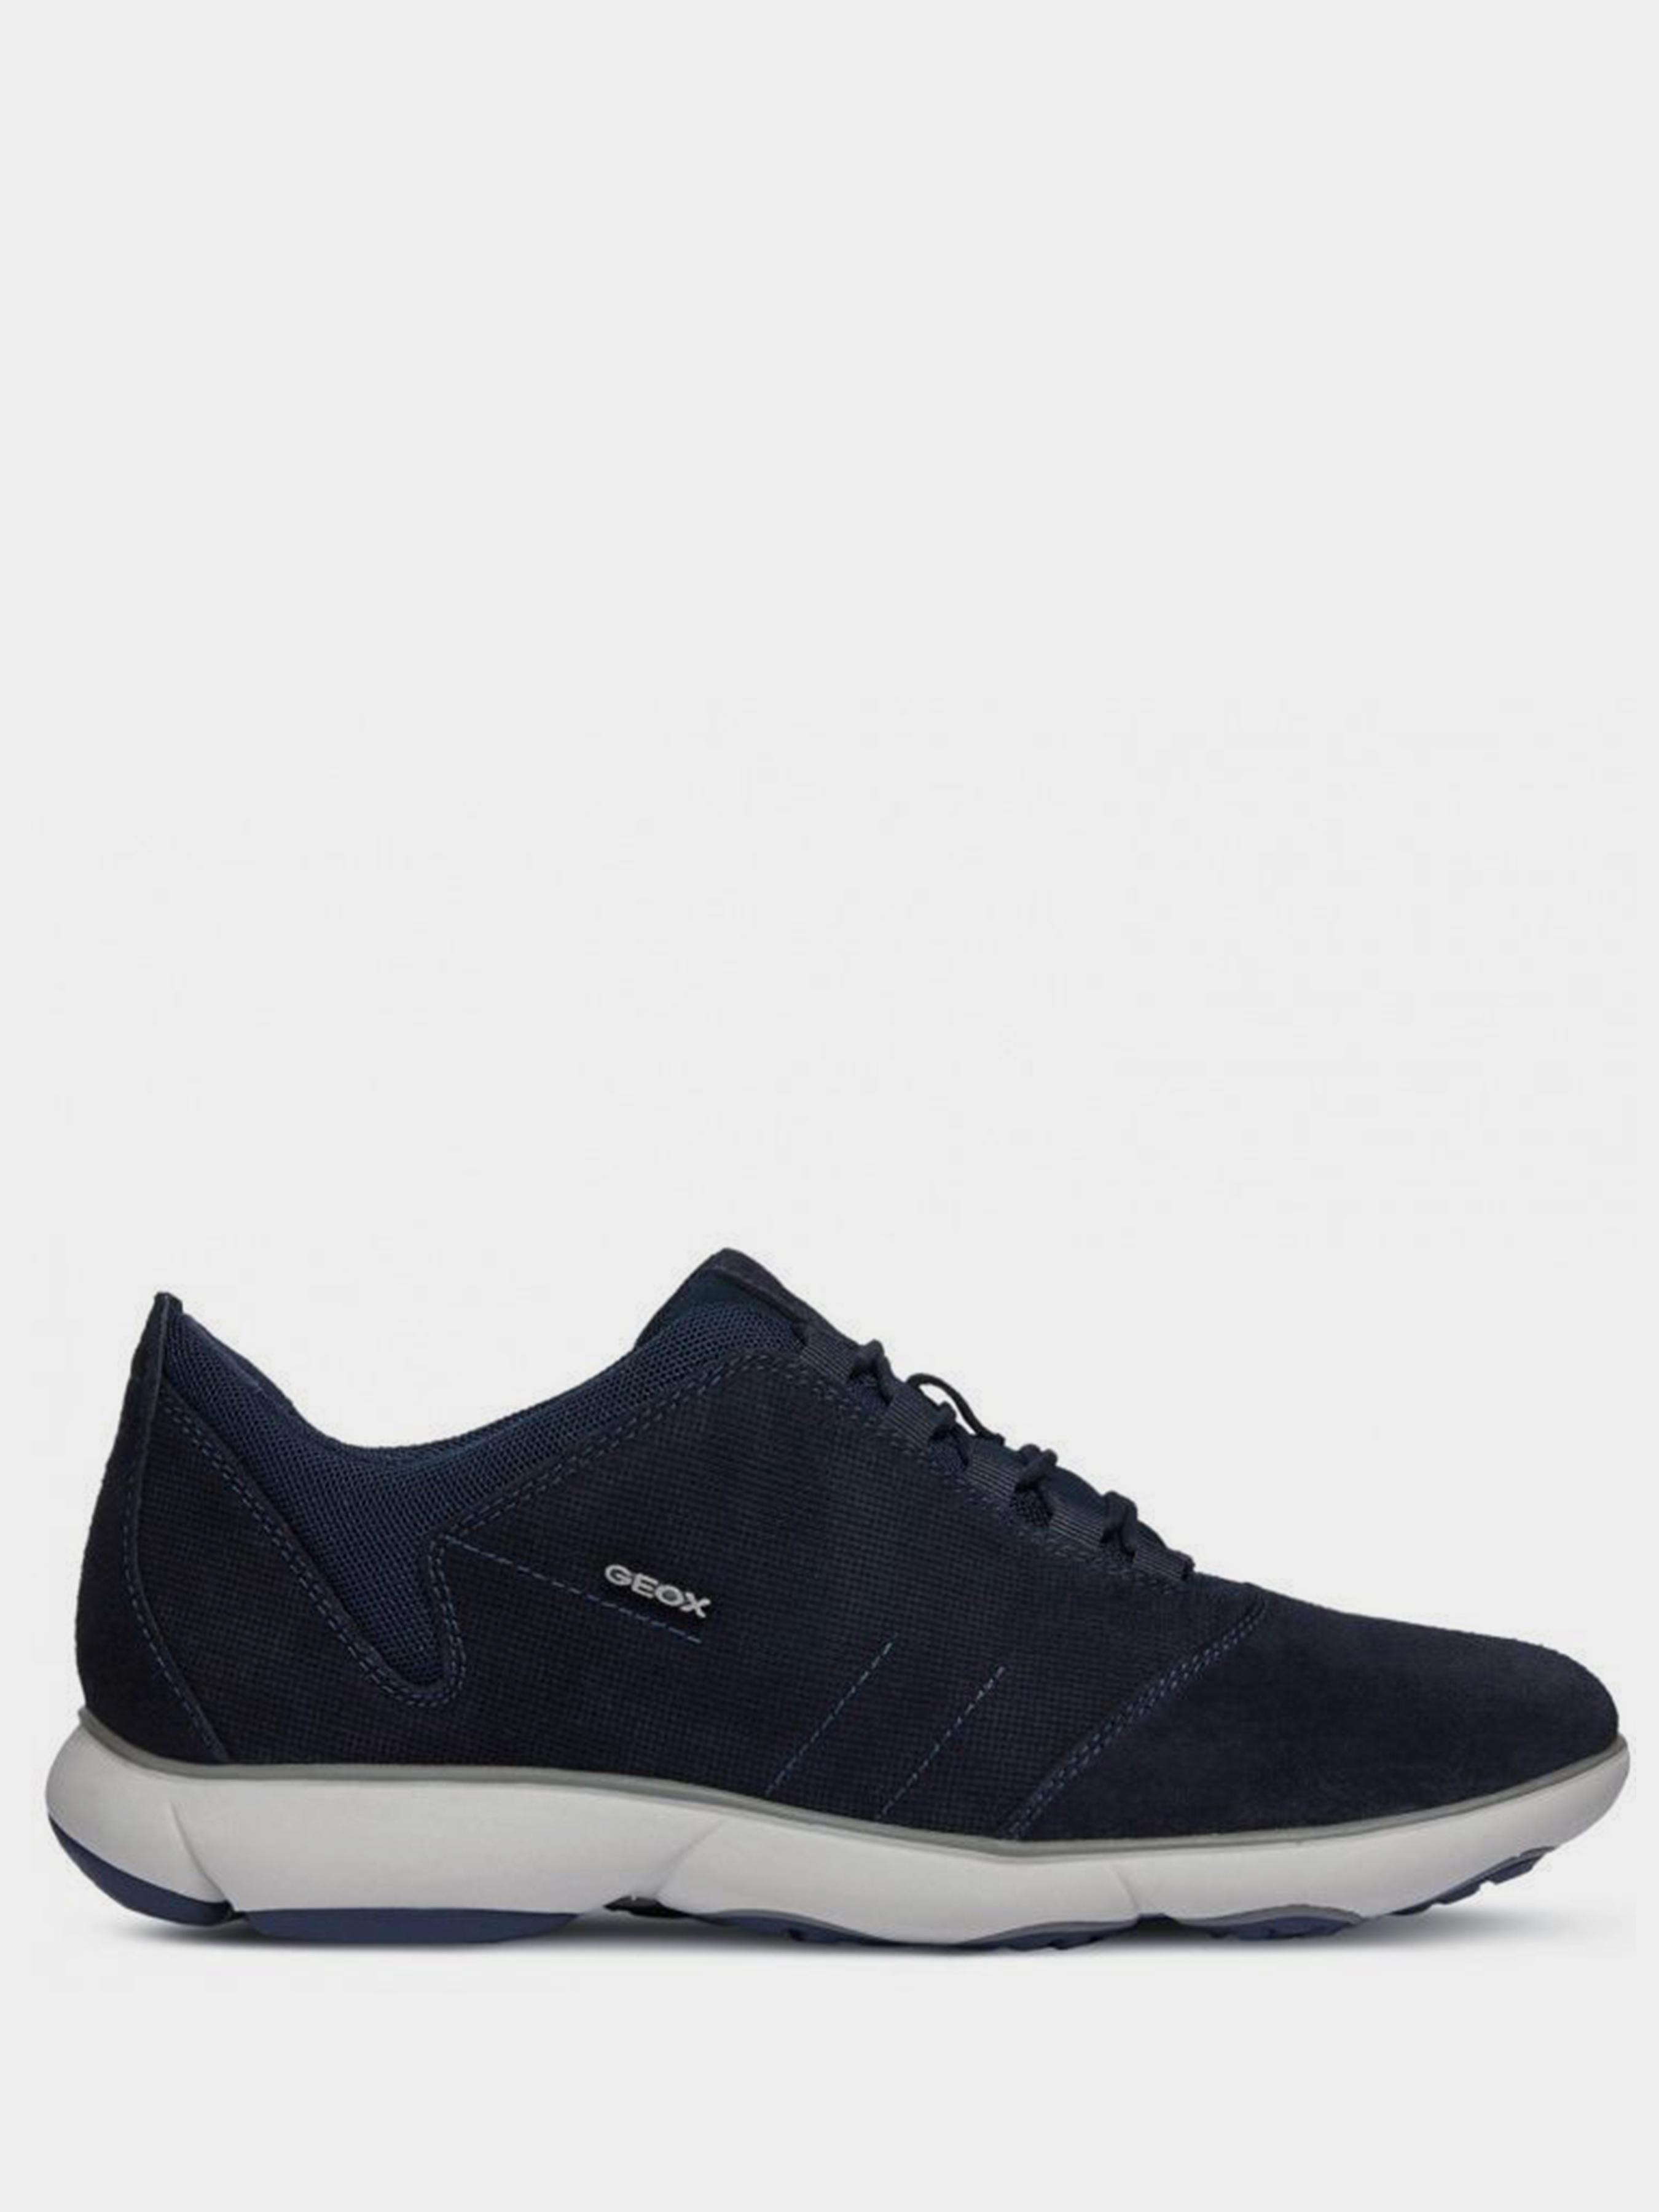 Кроссовки для мужчин Geox NEBULA XM1871 , 2017